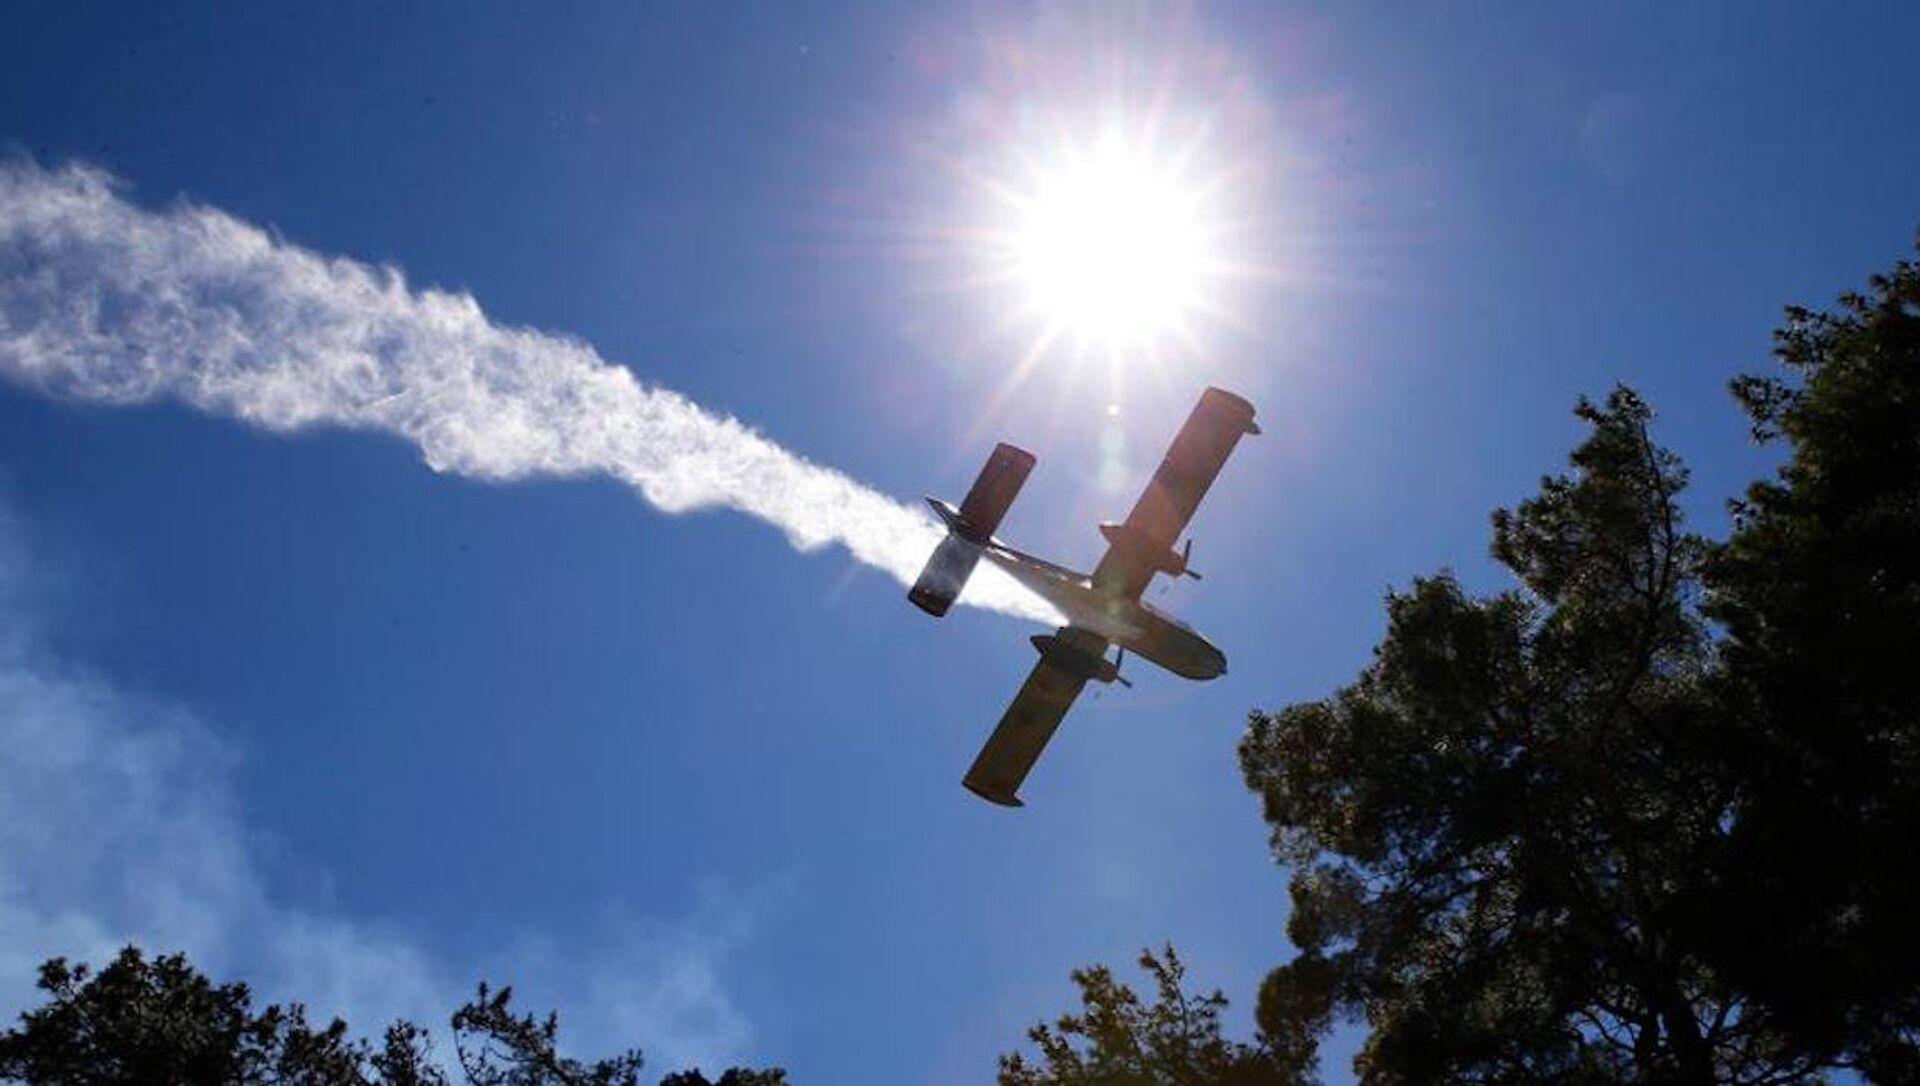 Türkiye, İsrail'e yangın uçağı gönderdi. - Sputnik Türkiye, 1920, 01.08.2021